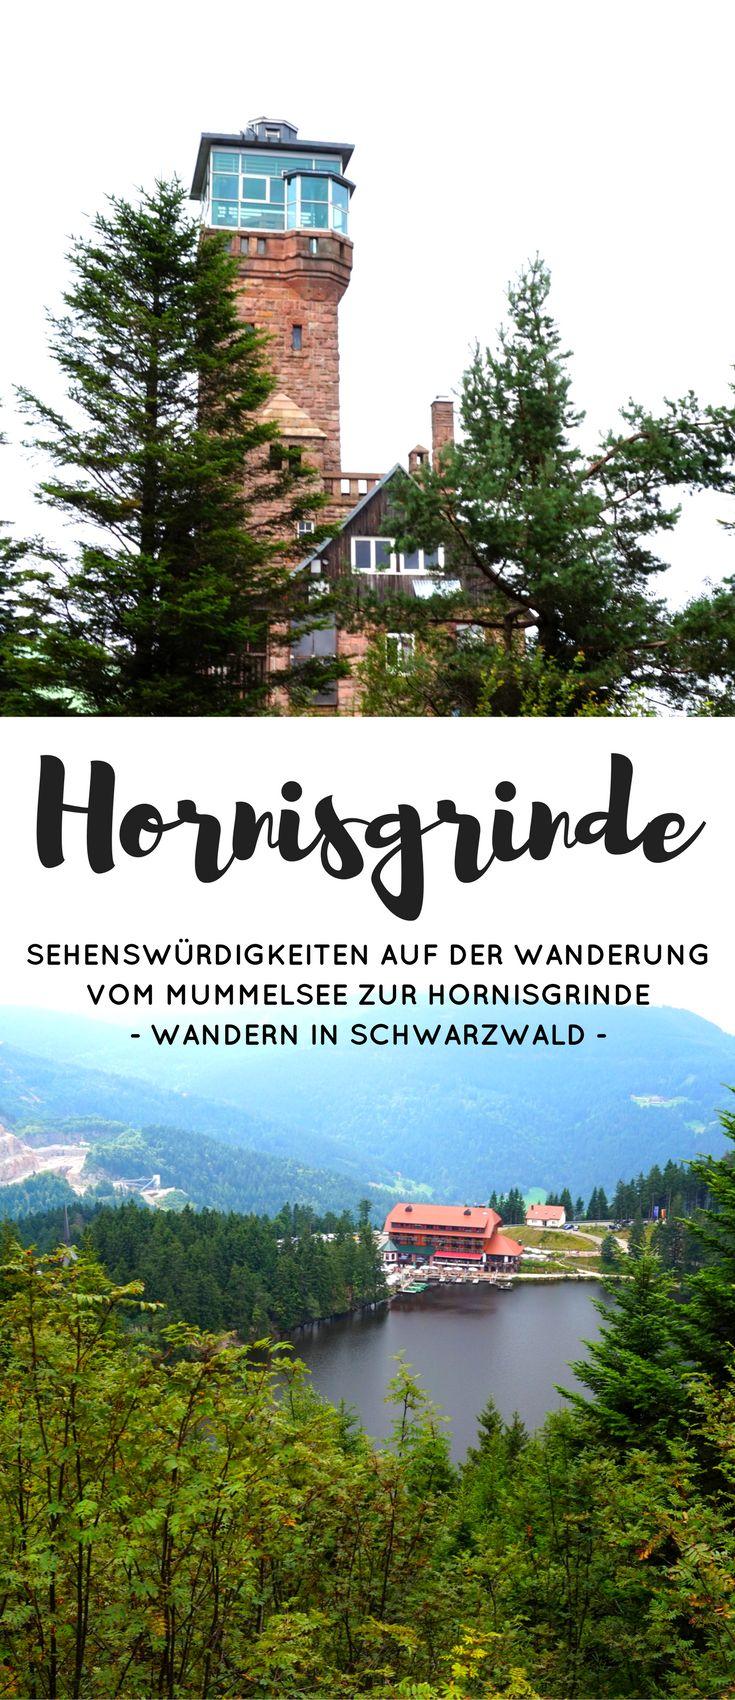 Die Wanderung vom mystischen Mummelsee auf die Hornisgrinde im Schwarzwald ist gespickt mit tollen Sehenswürdigkeiten und eine Rundwanderung voller Geschichte, einzigartiger Landschaft und Sagen. Erfahre hier alles zu Routen, Parken, Kosten und den Highlights für den perfekten Wandertag in Baden-Württemberg. #mummelsee #hornisgrinde #wandern #schwarzwald #tagesausflug #badenwuerttemberg